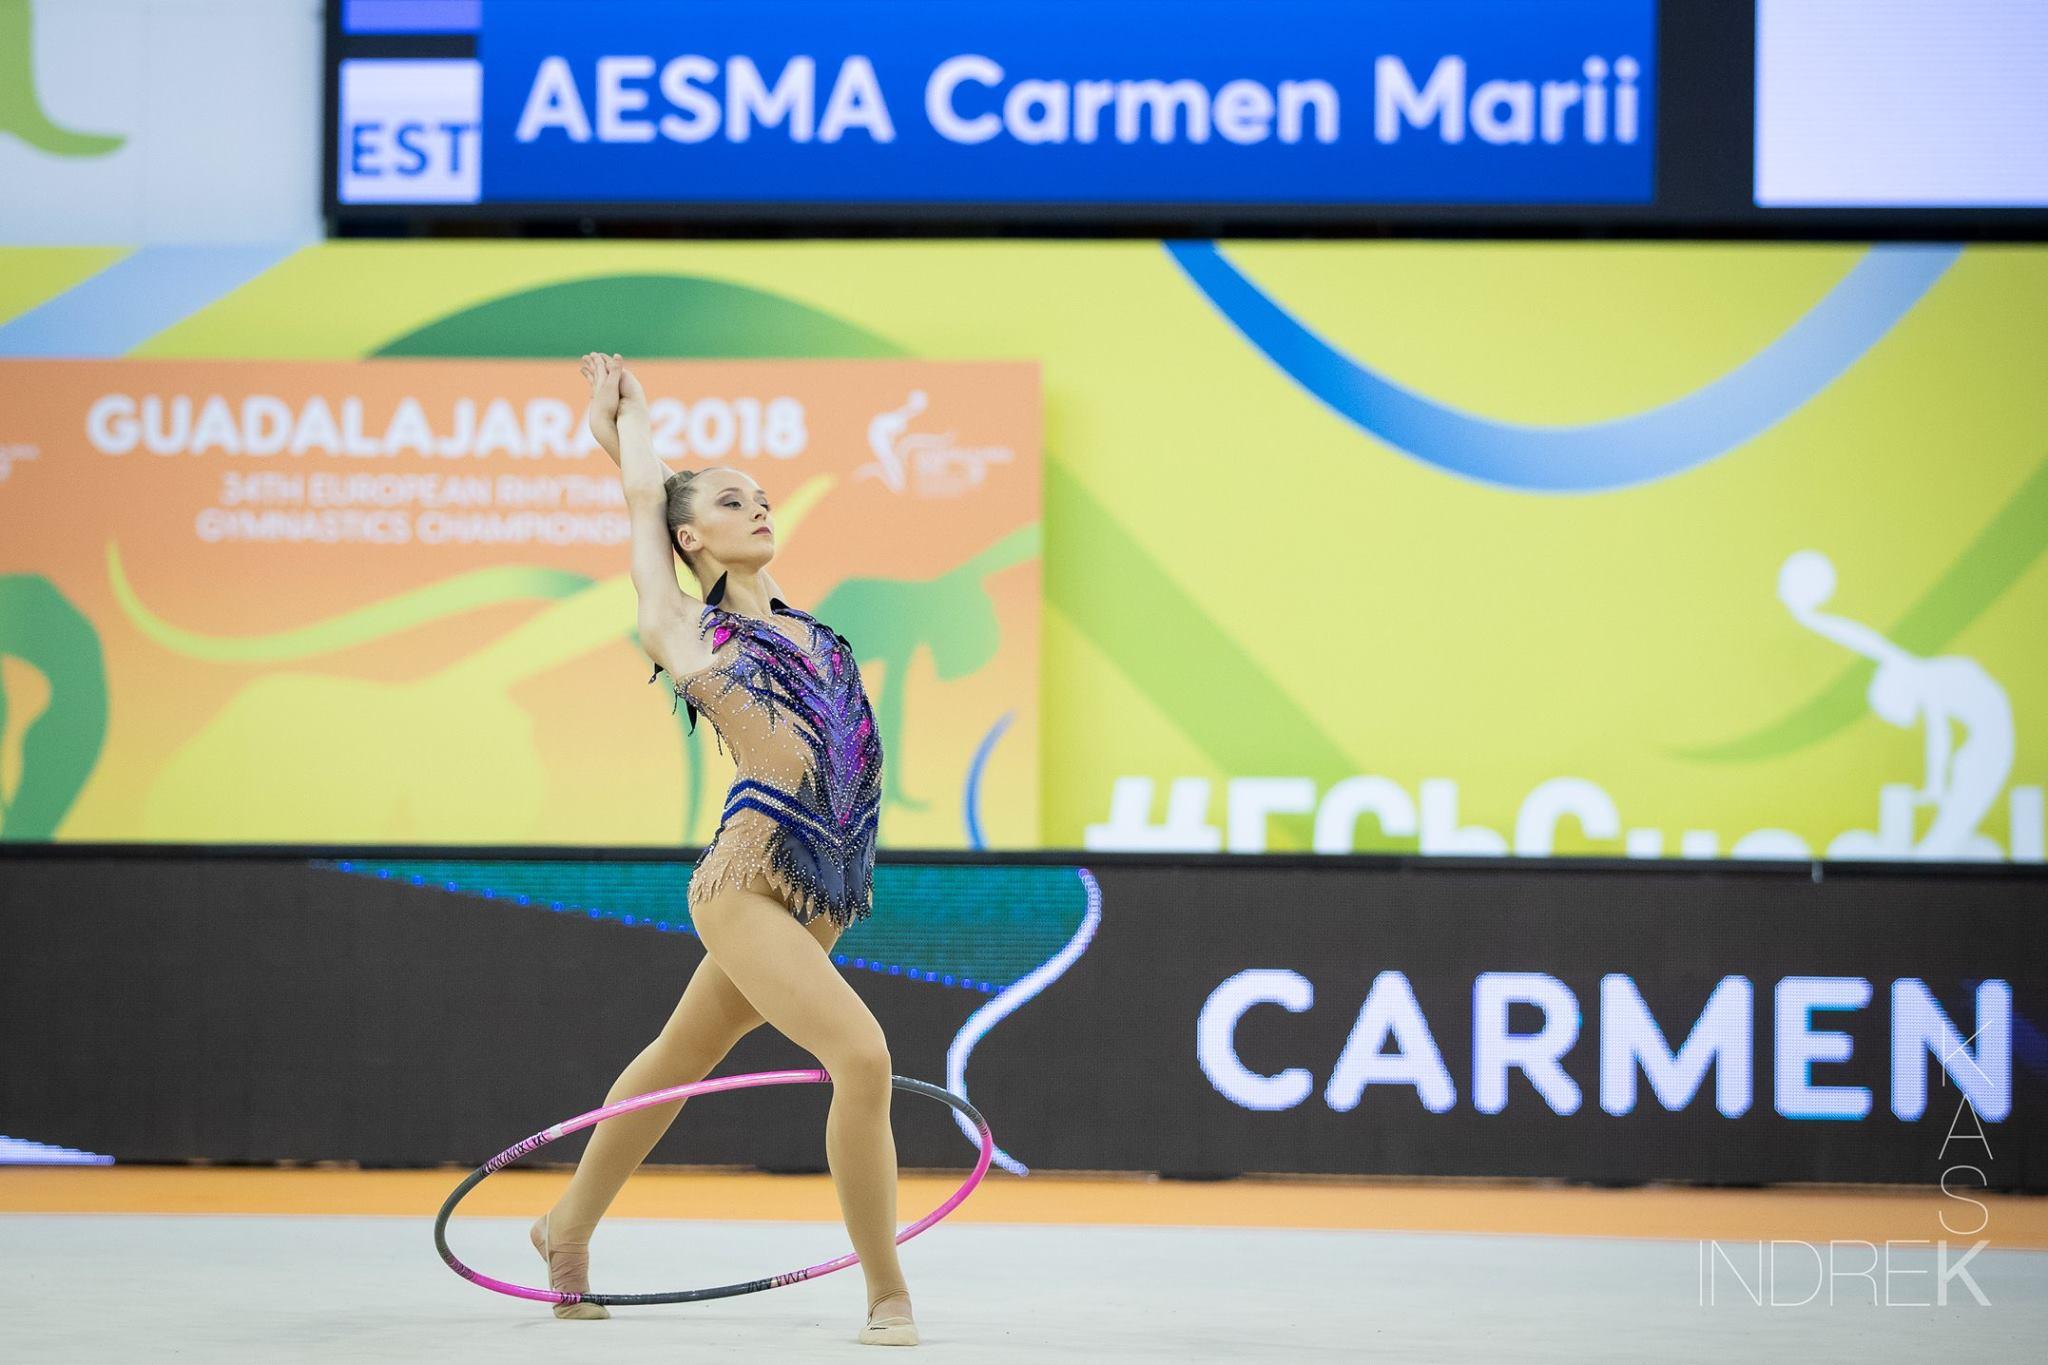 Pühapäeval lõppenud iluvõimlemise Euroopa meistrivõistlused olid Eesti koondisele edukad